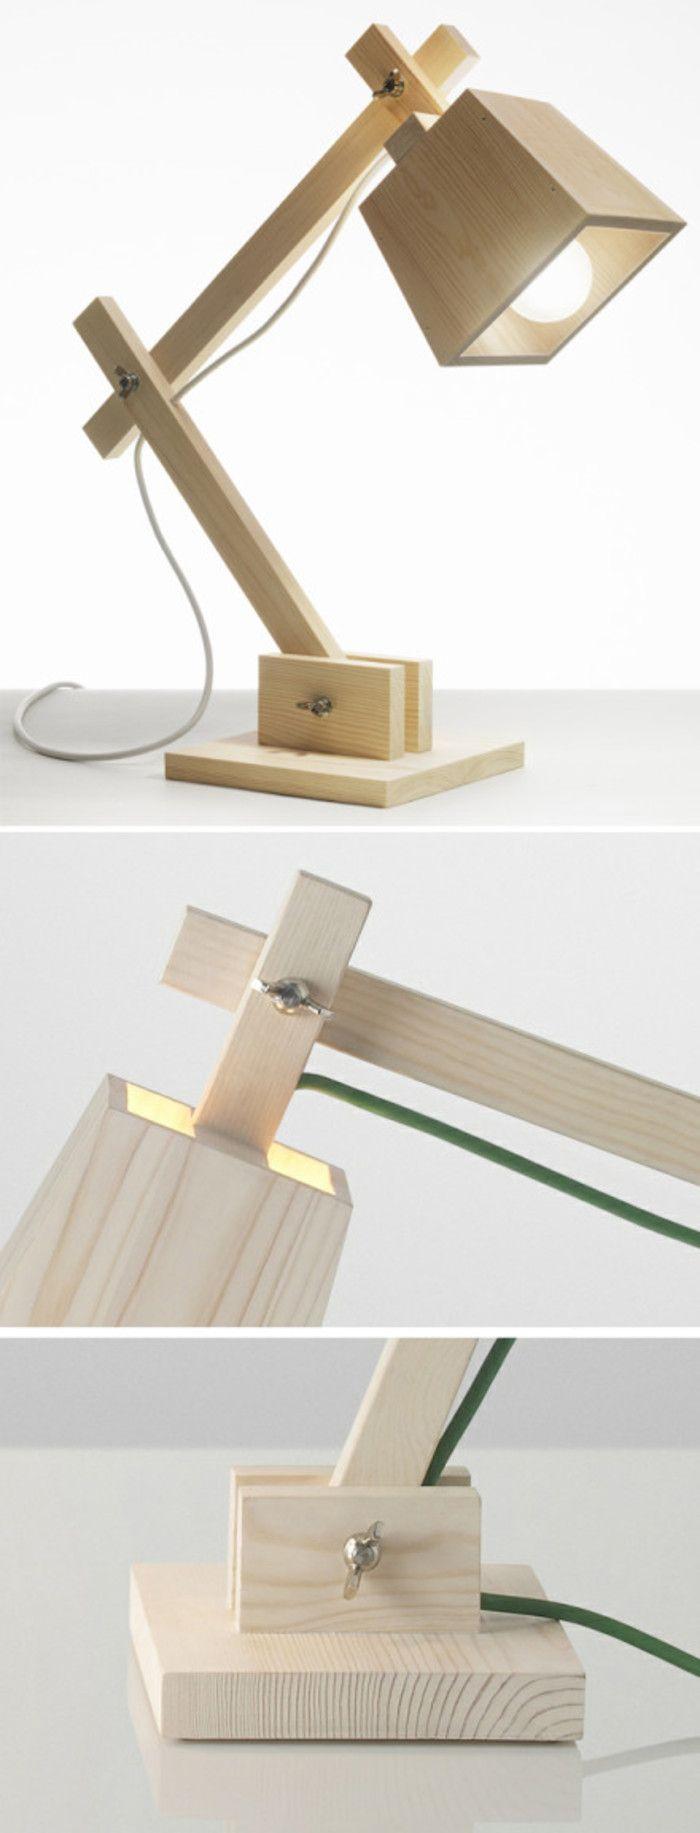 瑞典斯德哥尔摩的建筑师双人组TAF Arkitektkontor,最畅销的产品之一muuto木台灯。直接而诚实的构造,不加修饰的外表,很能打动人心。